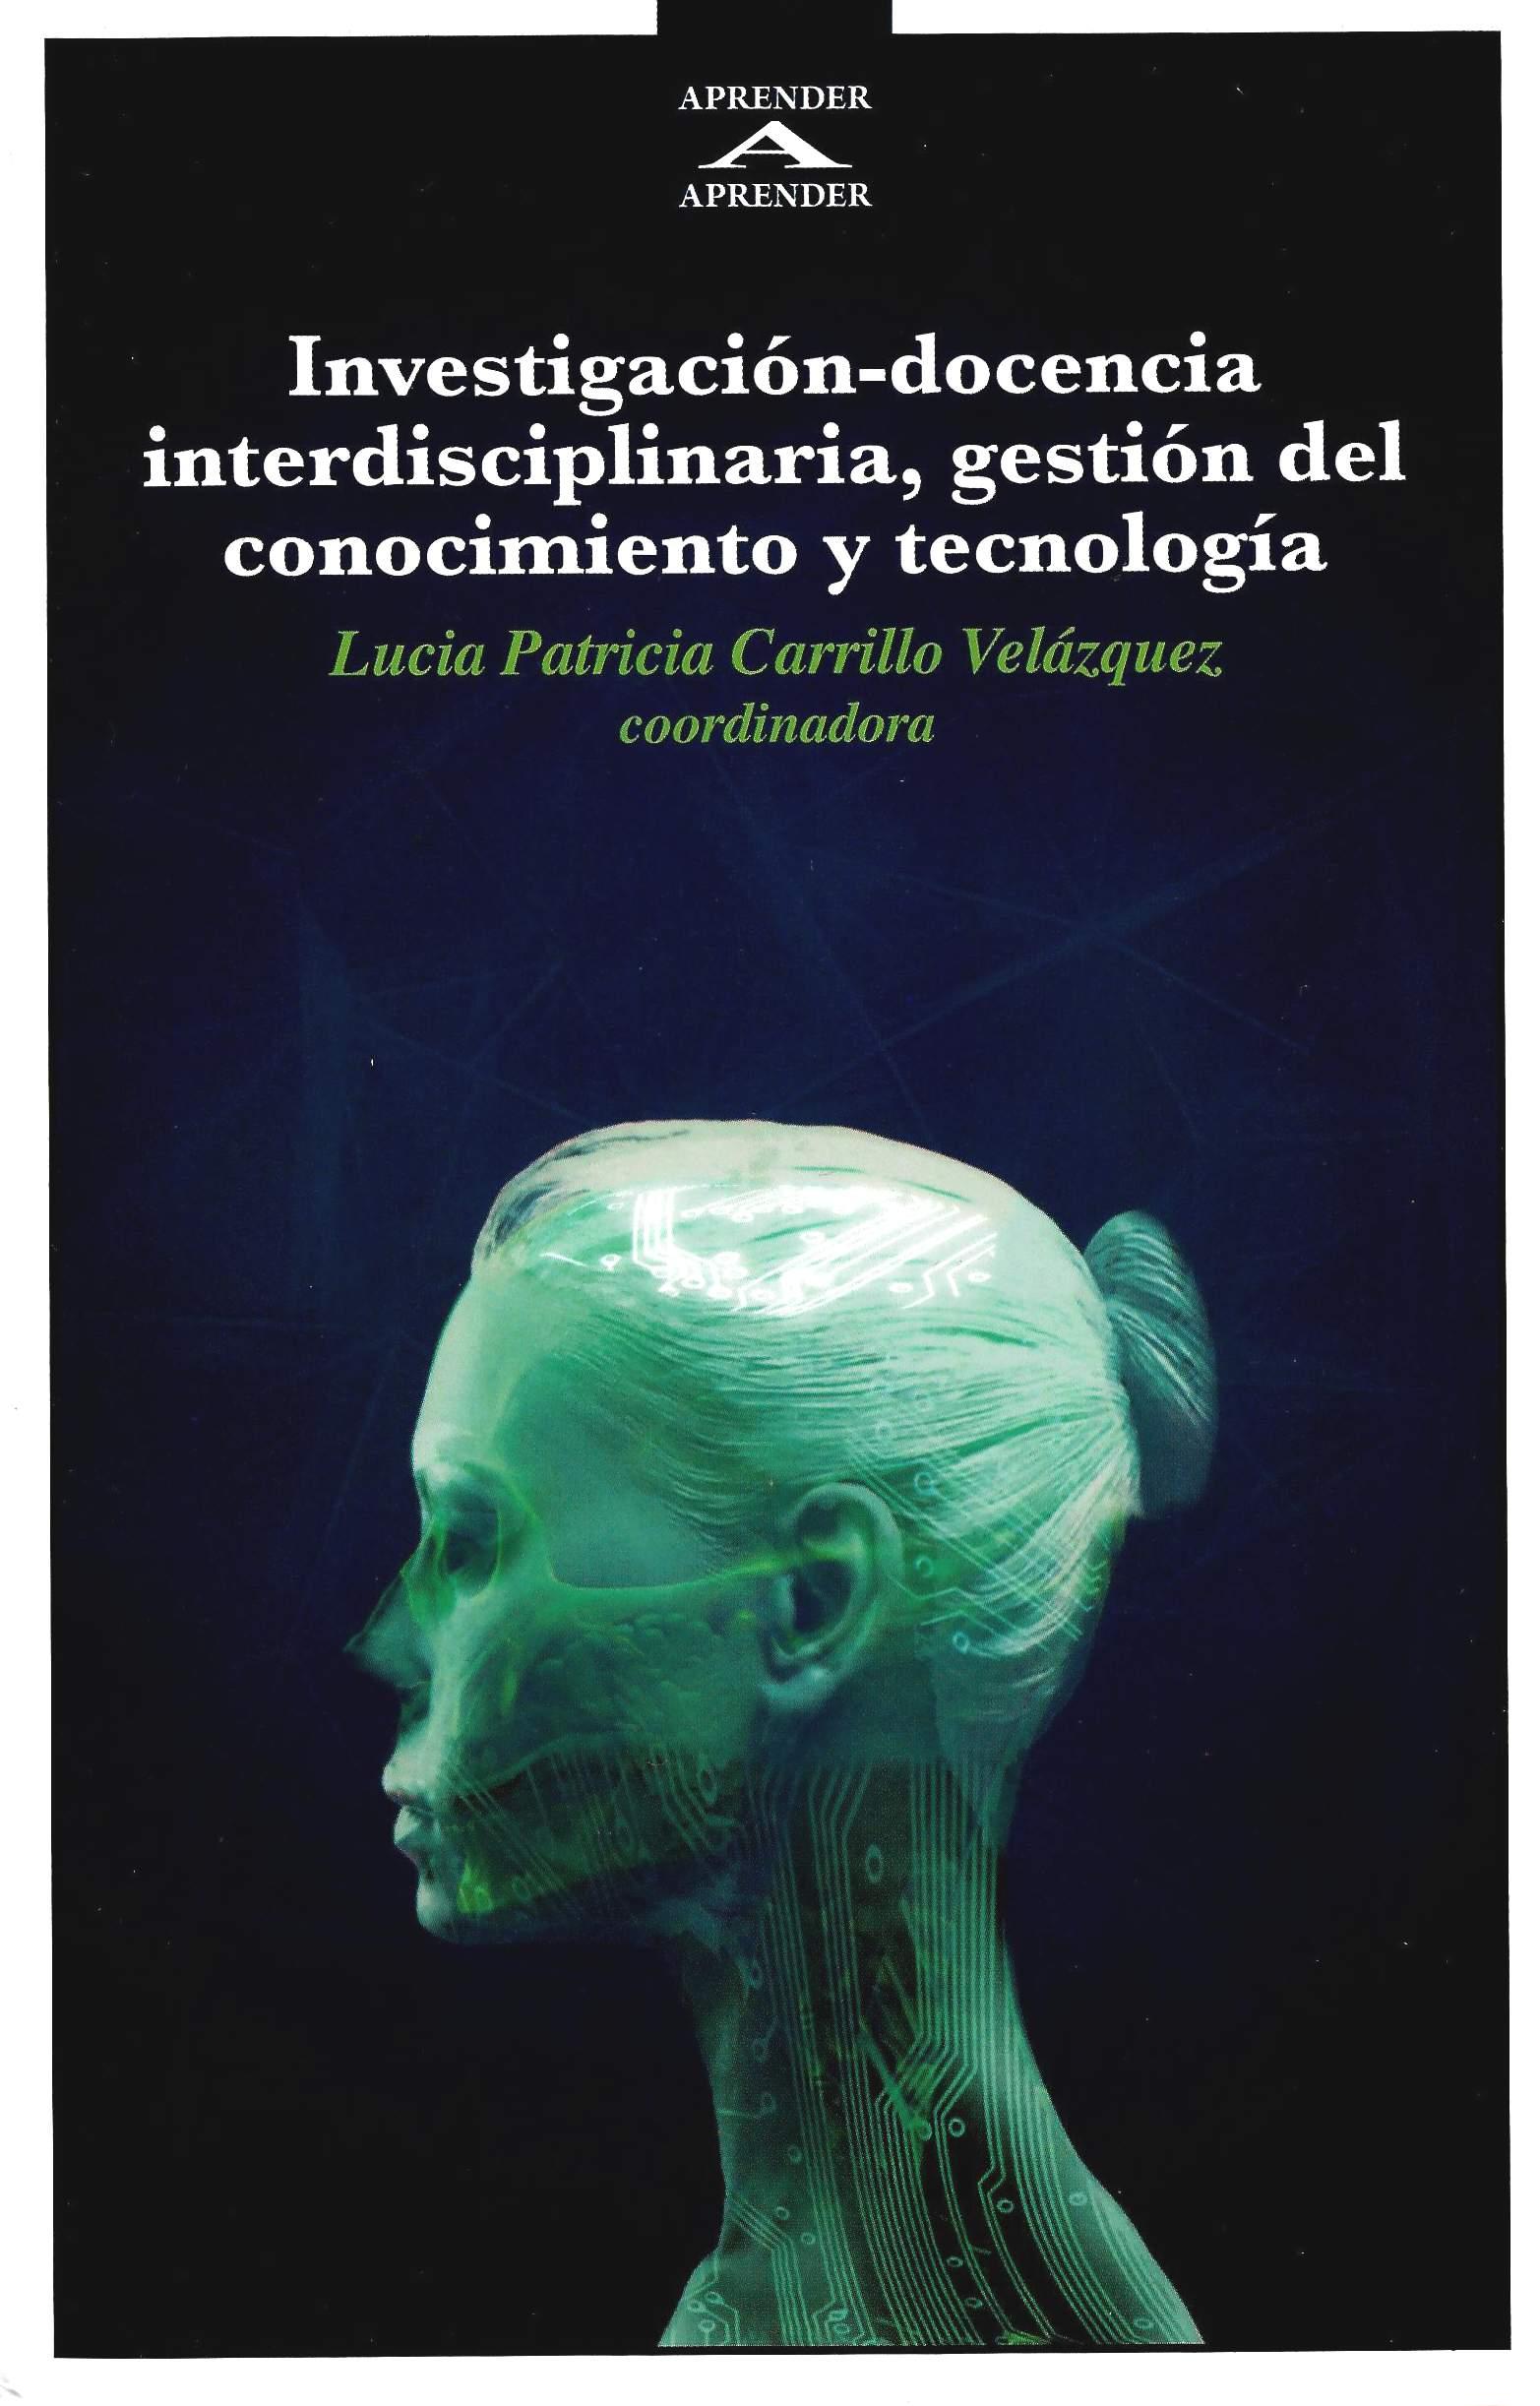 Investigación-docencia interdisciplinaria, gestión del conocimiento y tecnología